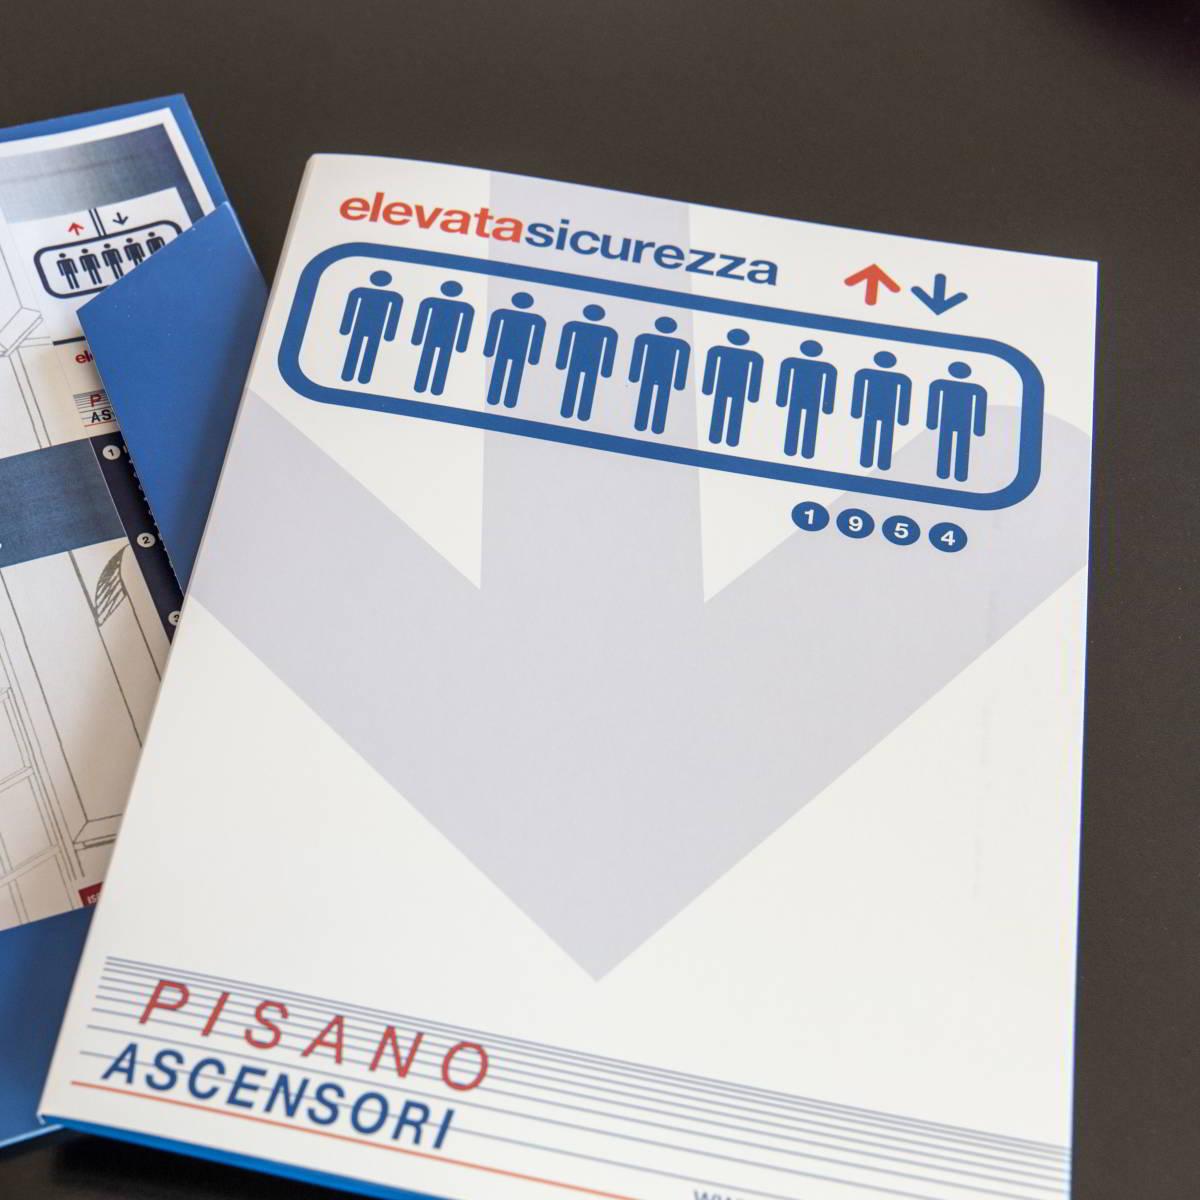 Pisano Ascensori Salerno - azienda dal 1954